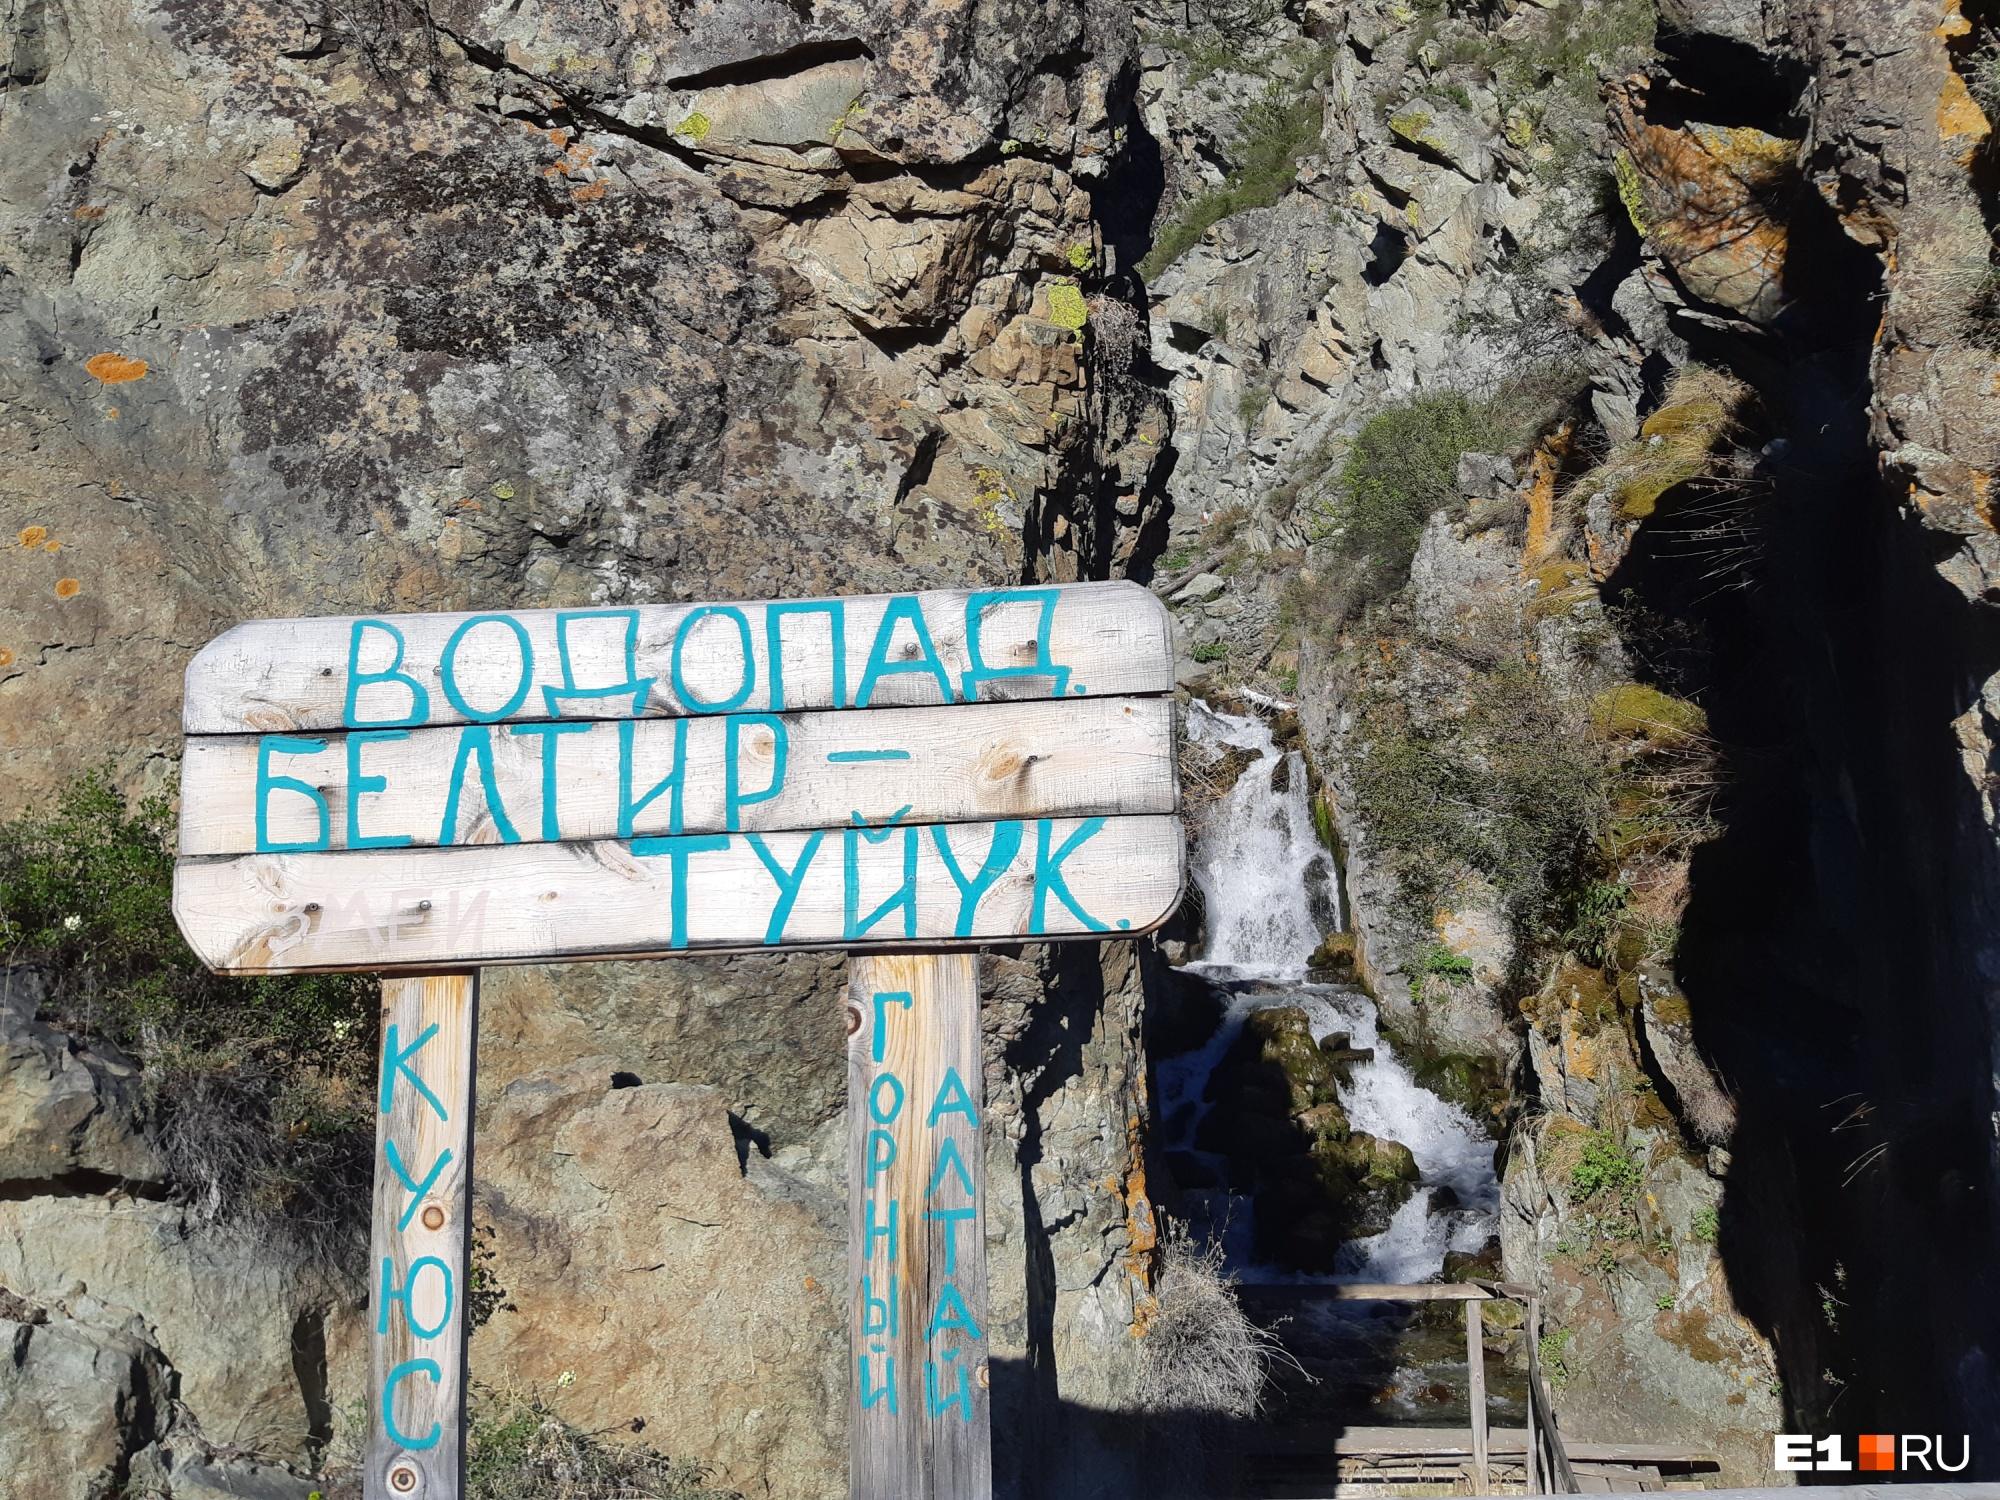 Слева — водопад. В мае он не очень бурный. Но в разы выше, чем Камышлинский. У таблички видно лишь малую часть